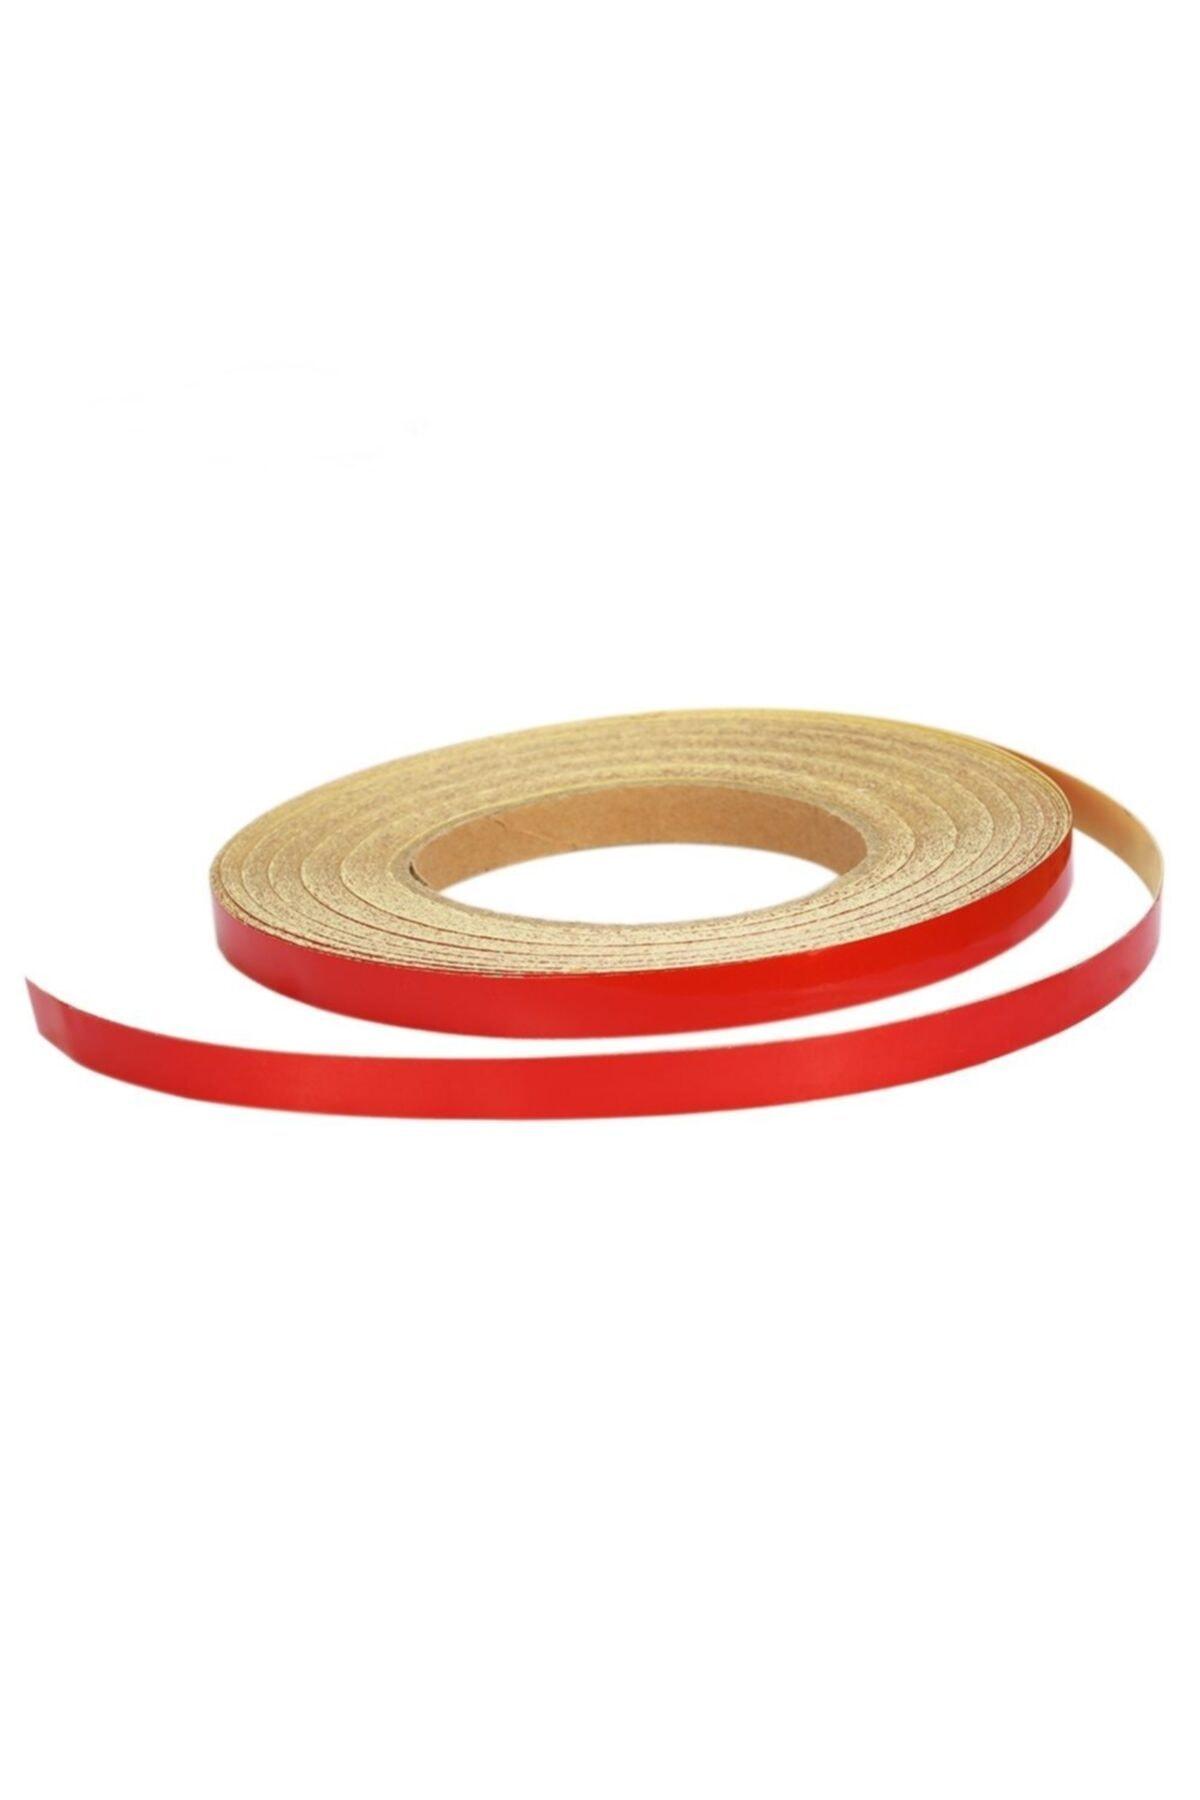 Oto Aksesuarcım Reflektörlü Kırmızı Jant Şeridi 0.5cmx10 Metre 2